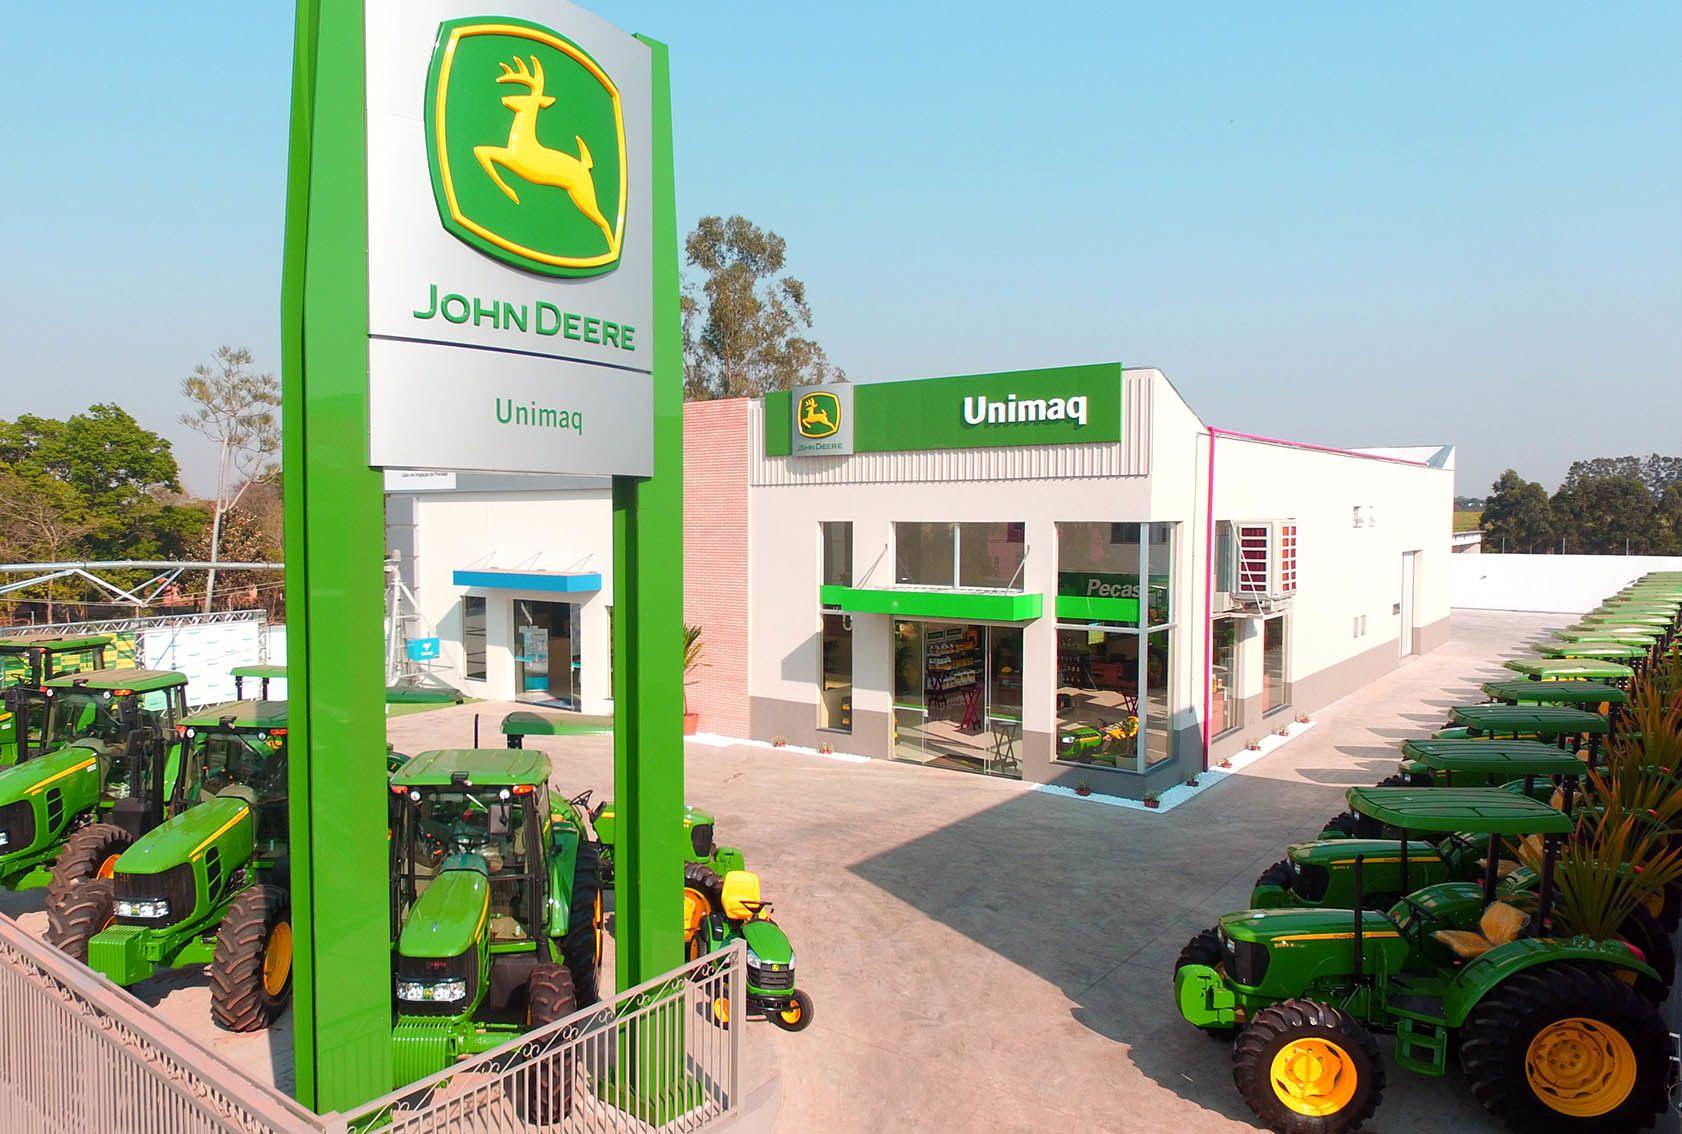 Unimaq, concessionário John Deere, divulga programa de manutenção e revisão de máquinas agrícolas